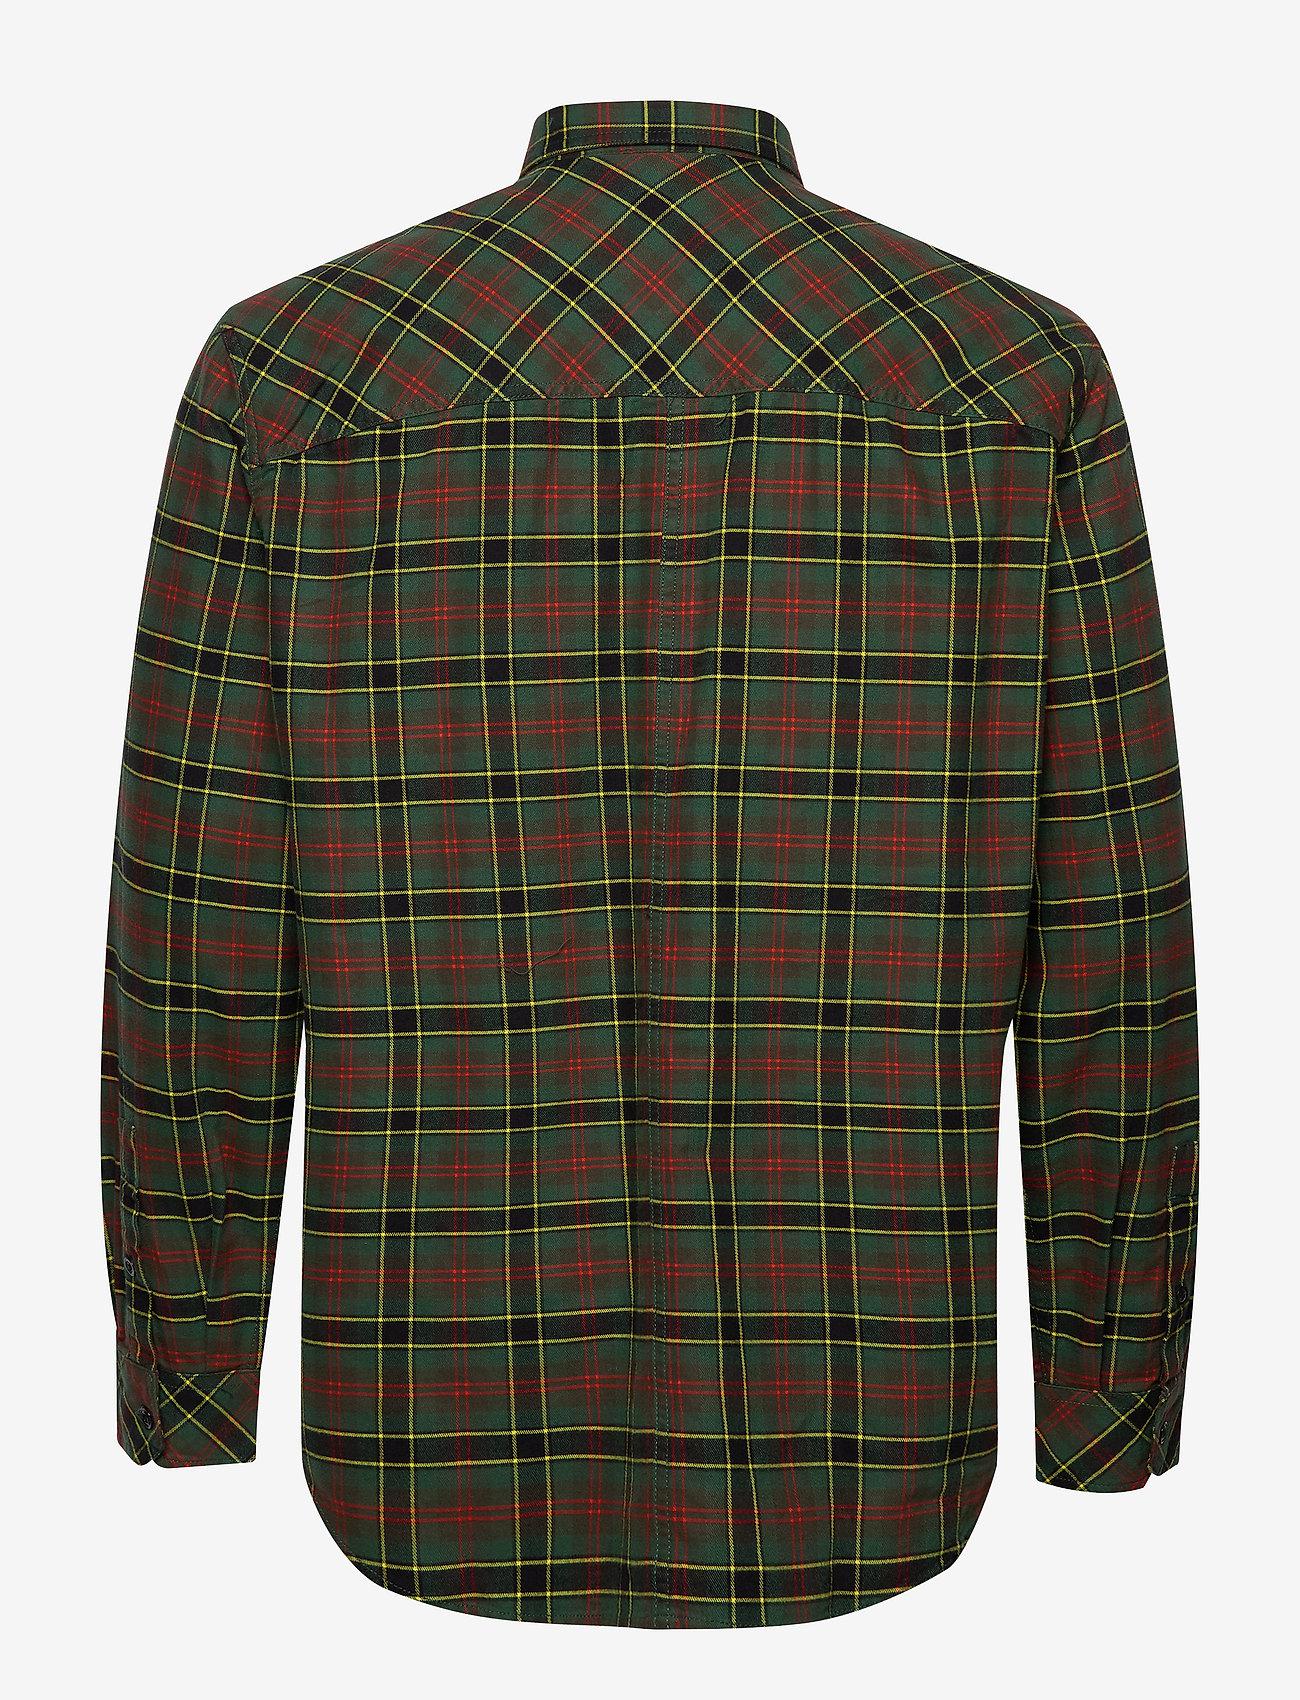 Diesel Men - S-TOLSTOJ SHIRT - checkered shirts - dark green - 1